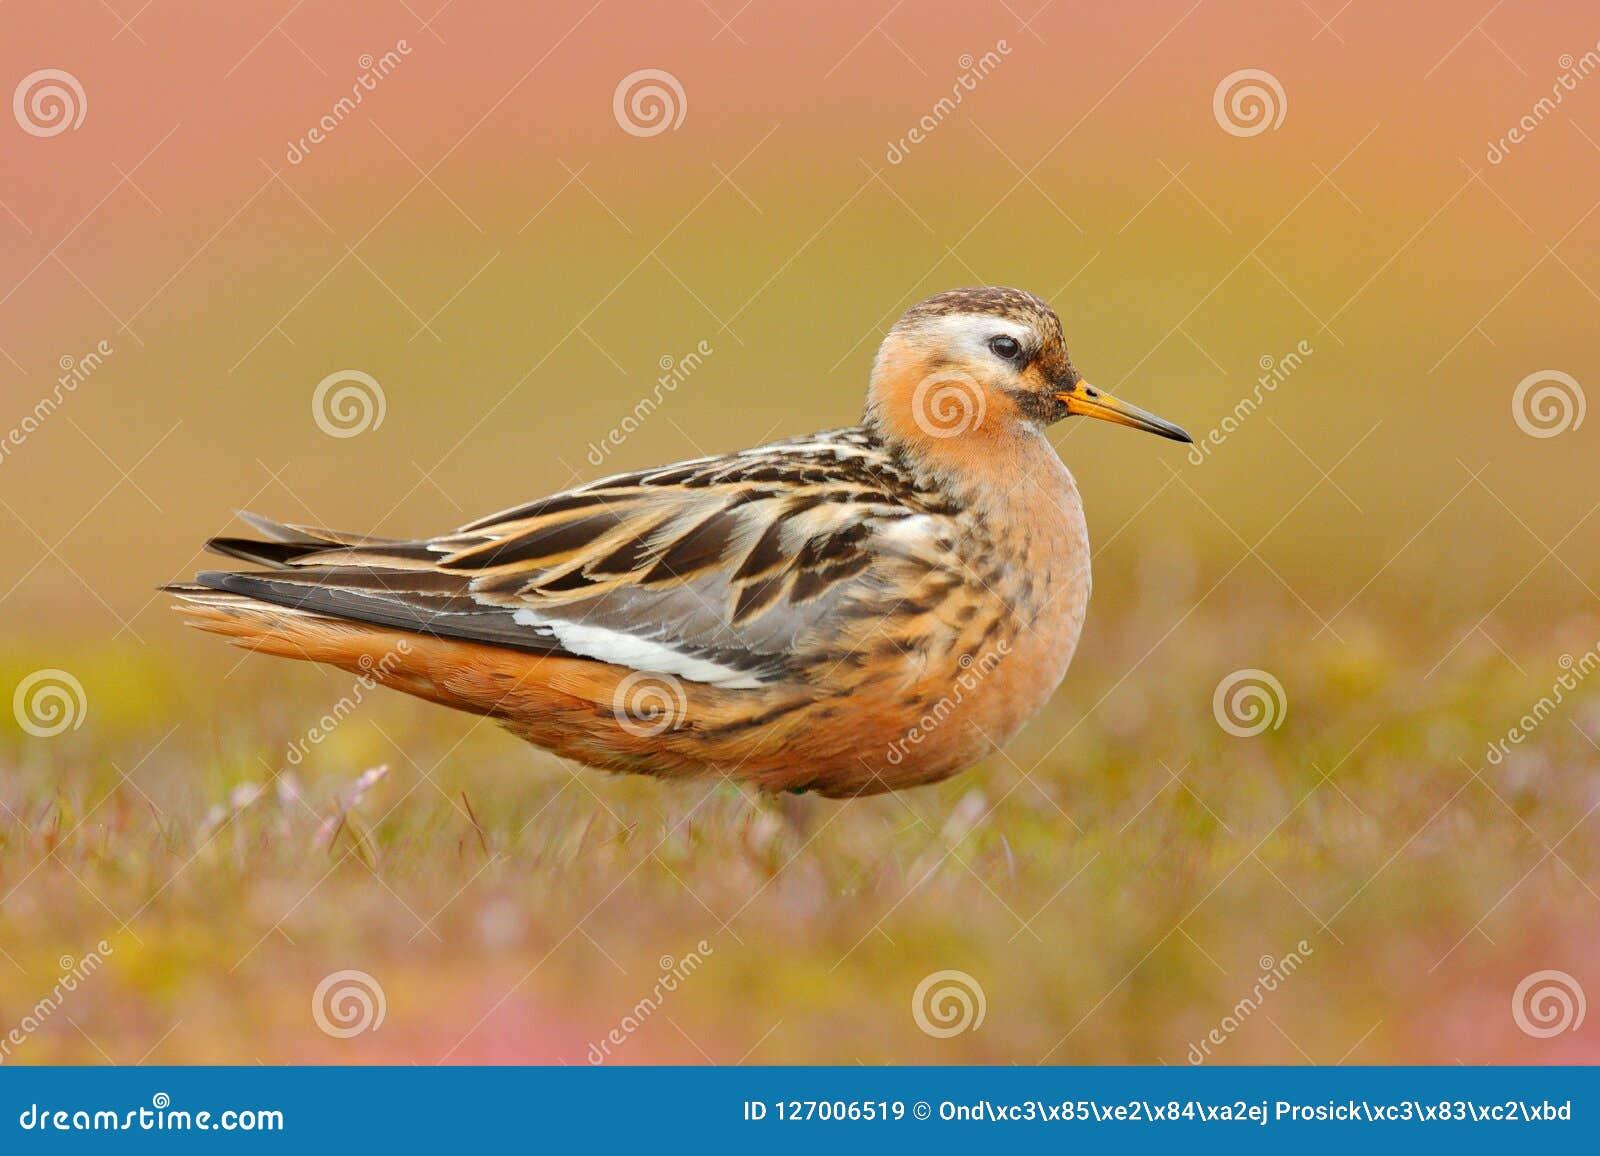 灰色矶鹞之类, Phalaropus fulicarius,橙色和棕色水禽在草自然栖所, Longyaerbyen,斯瓦尔巴特群岛,挪威 Wi